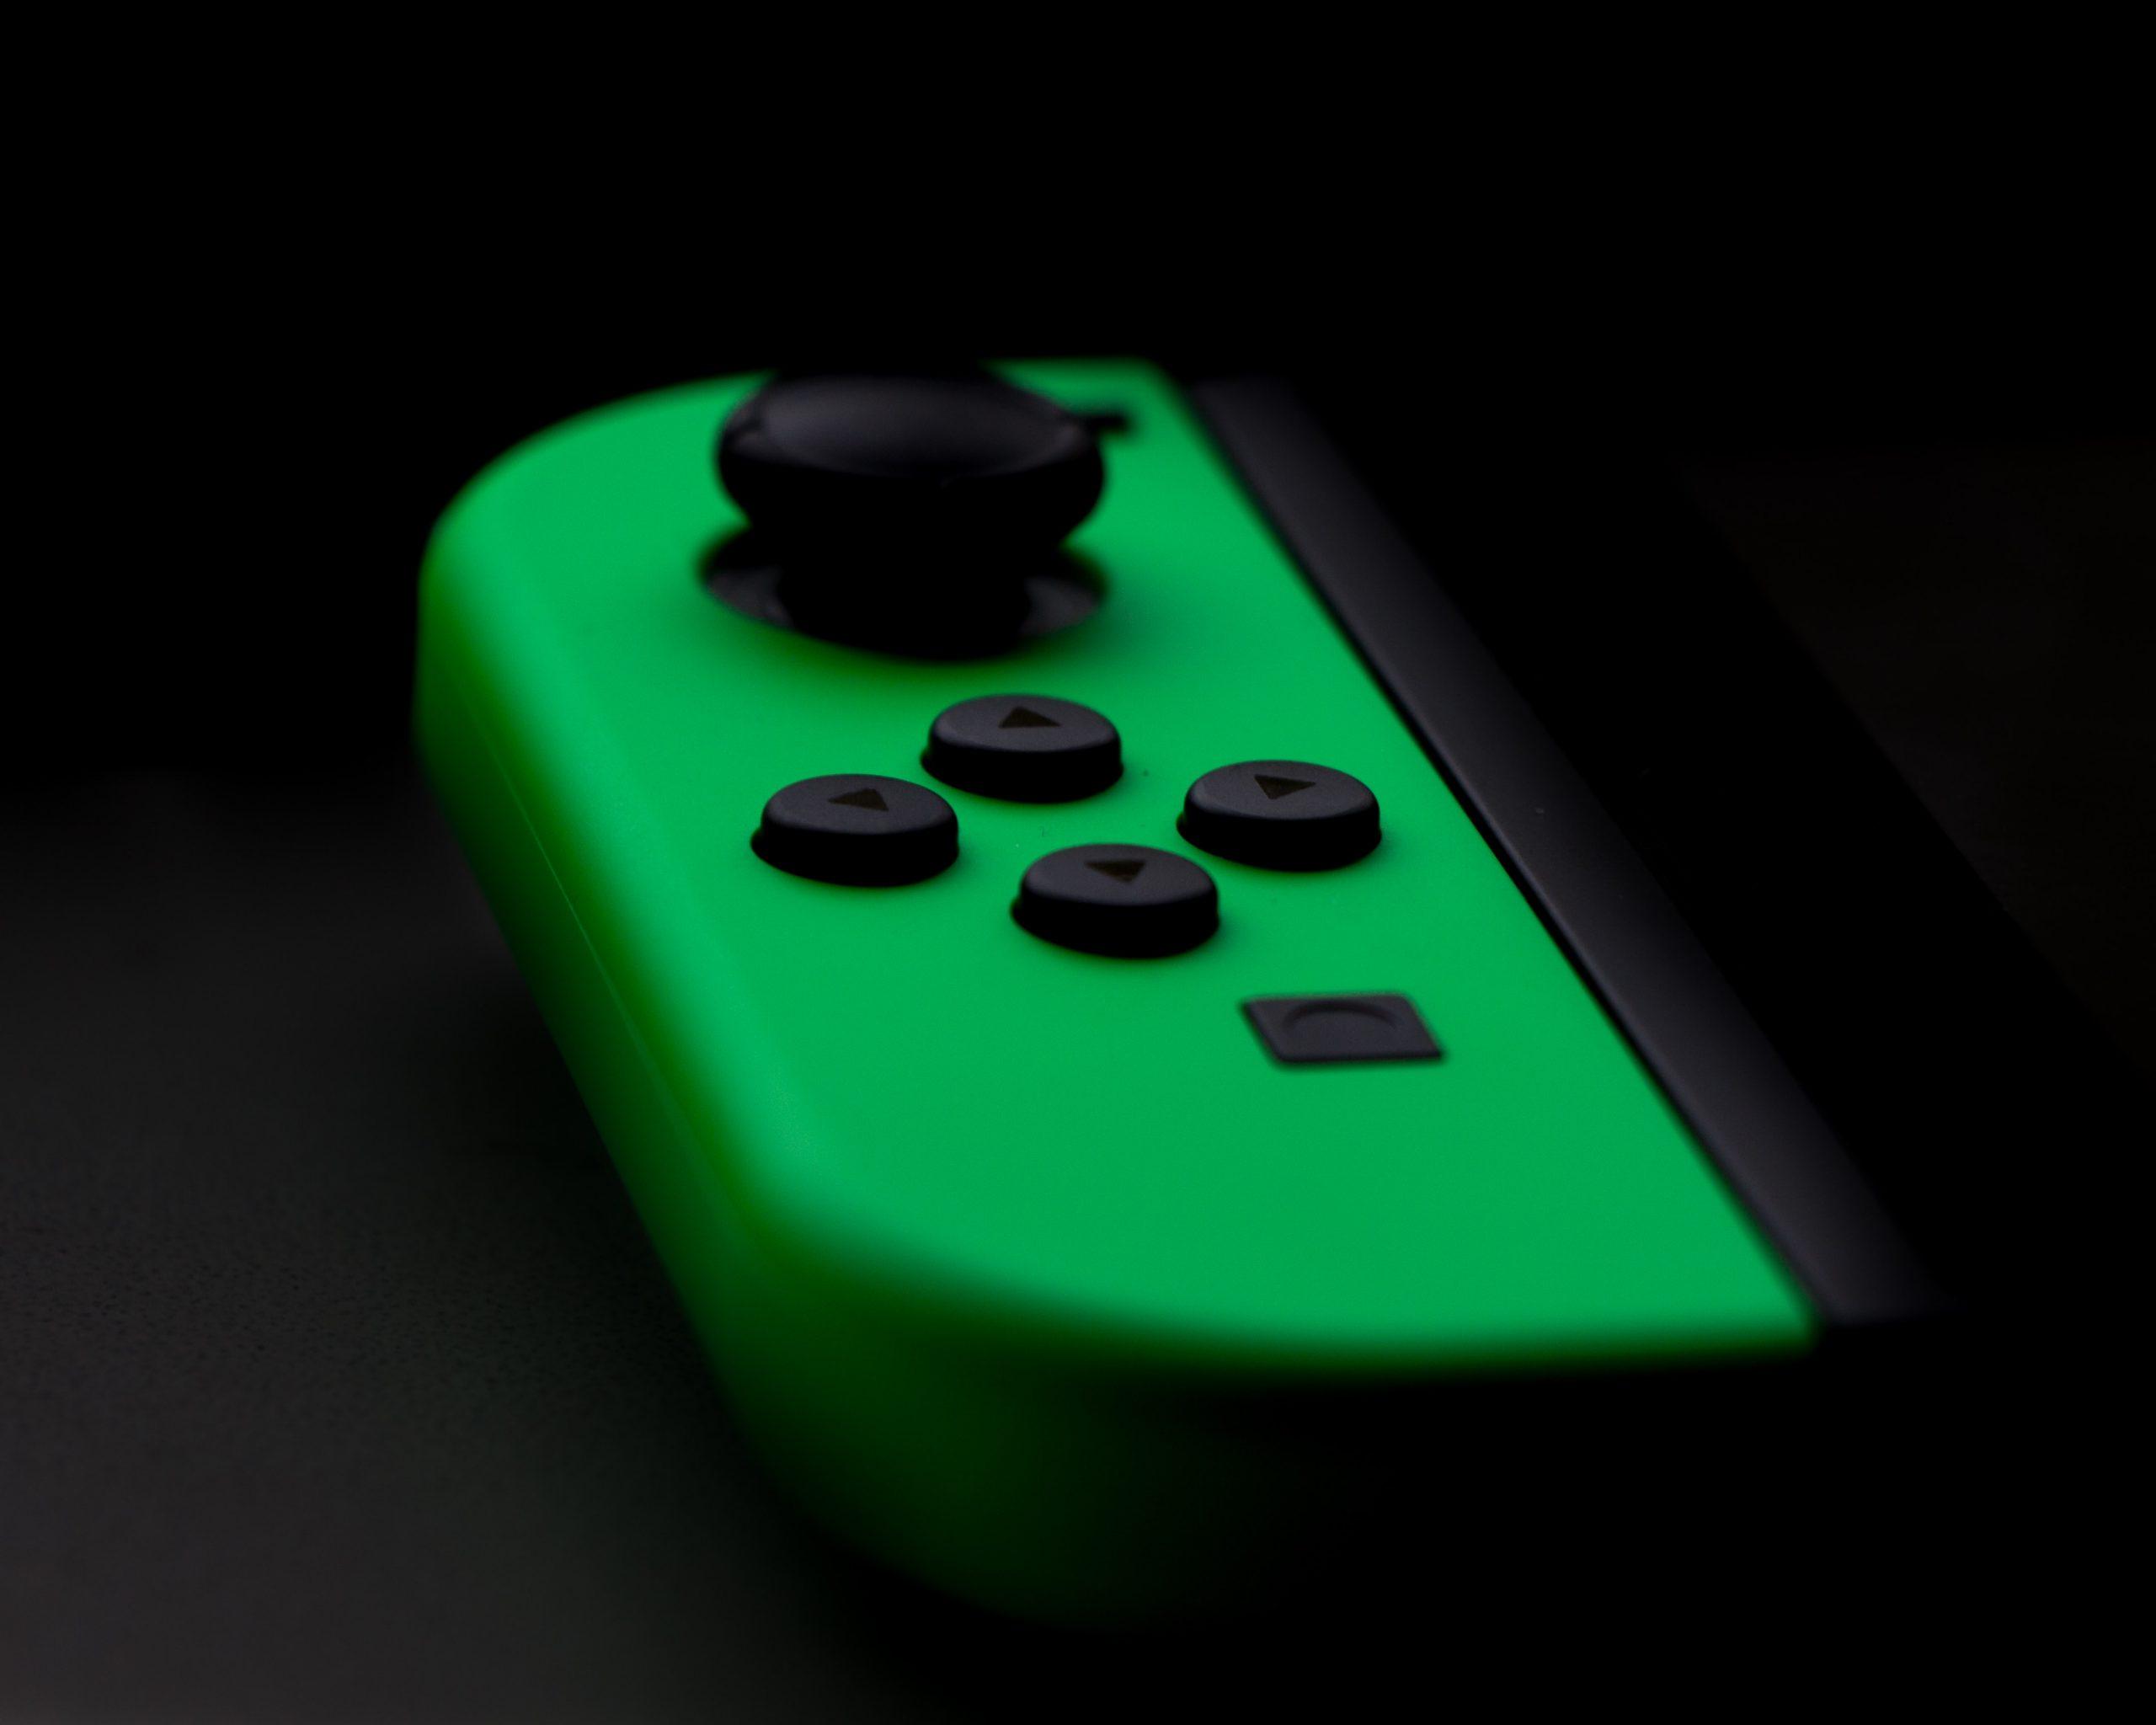 Il controller di Nintendo Switch